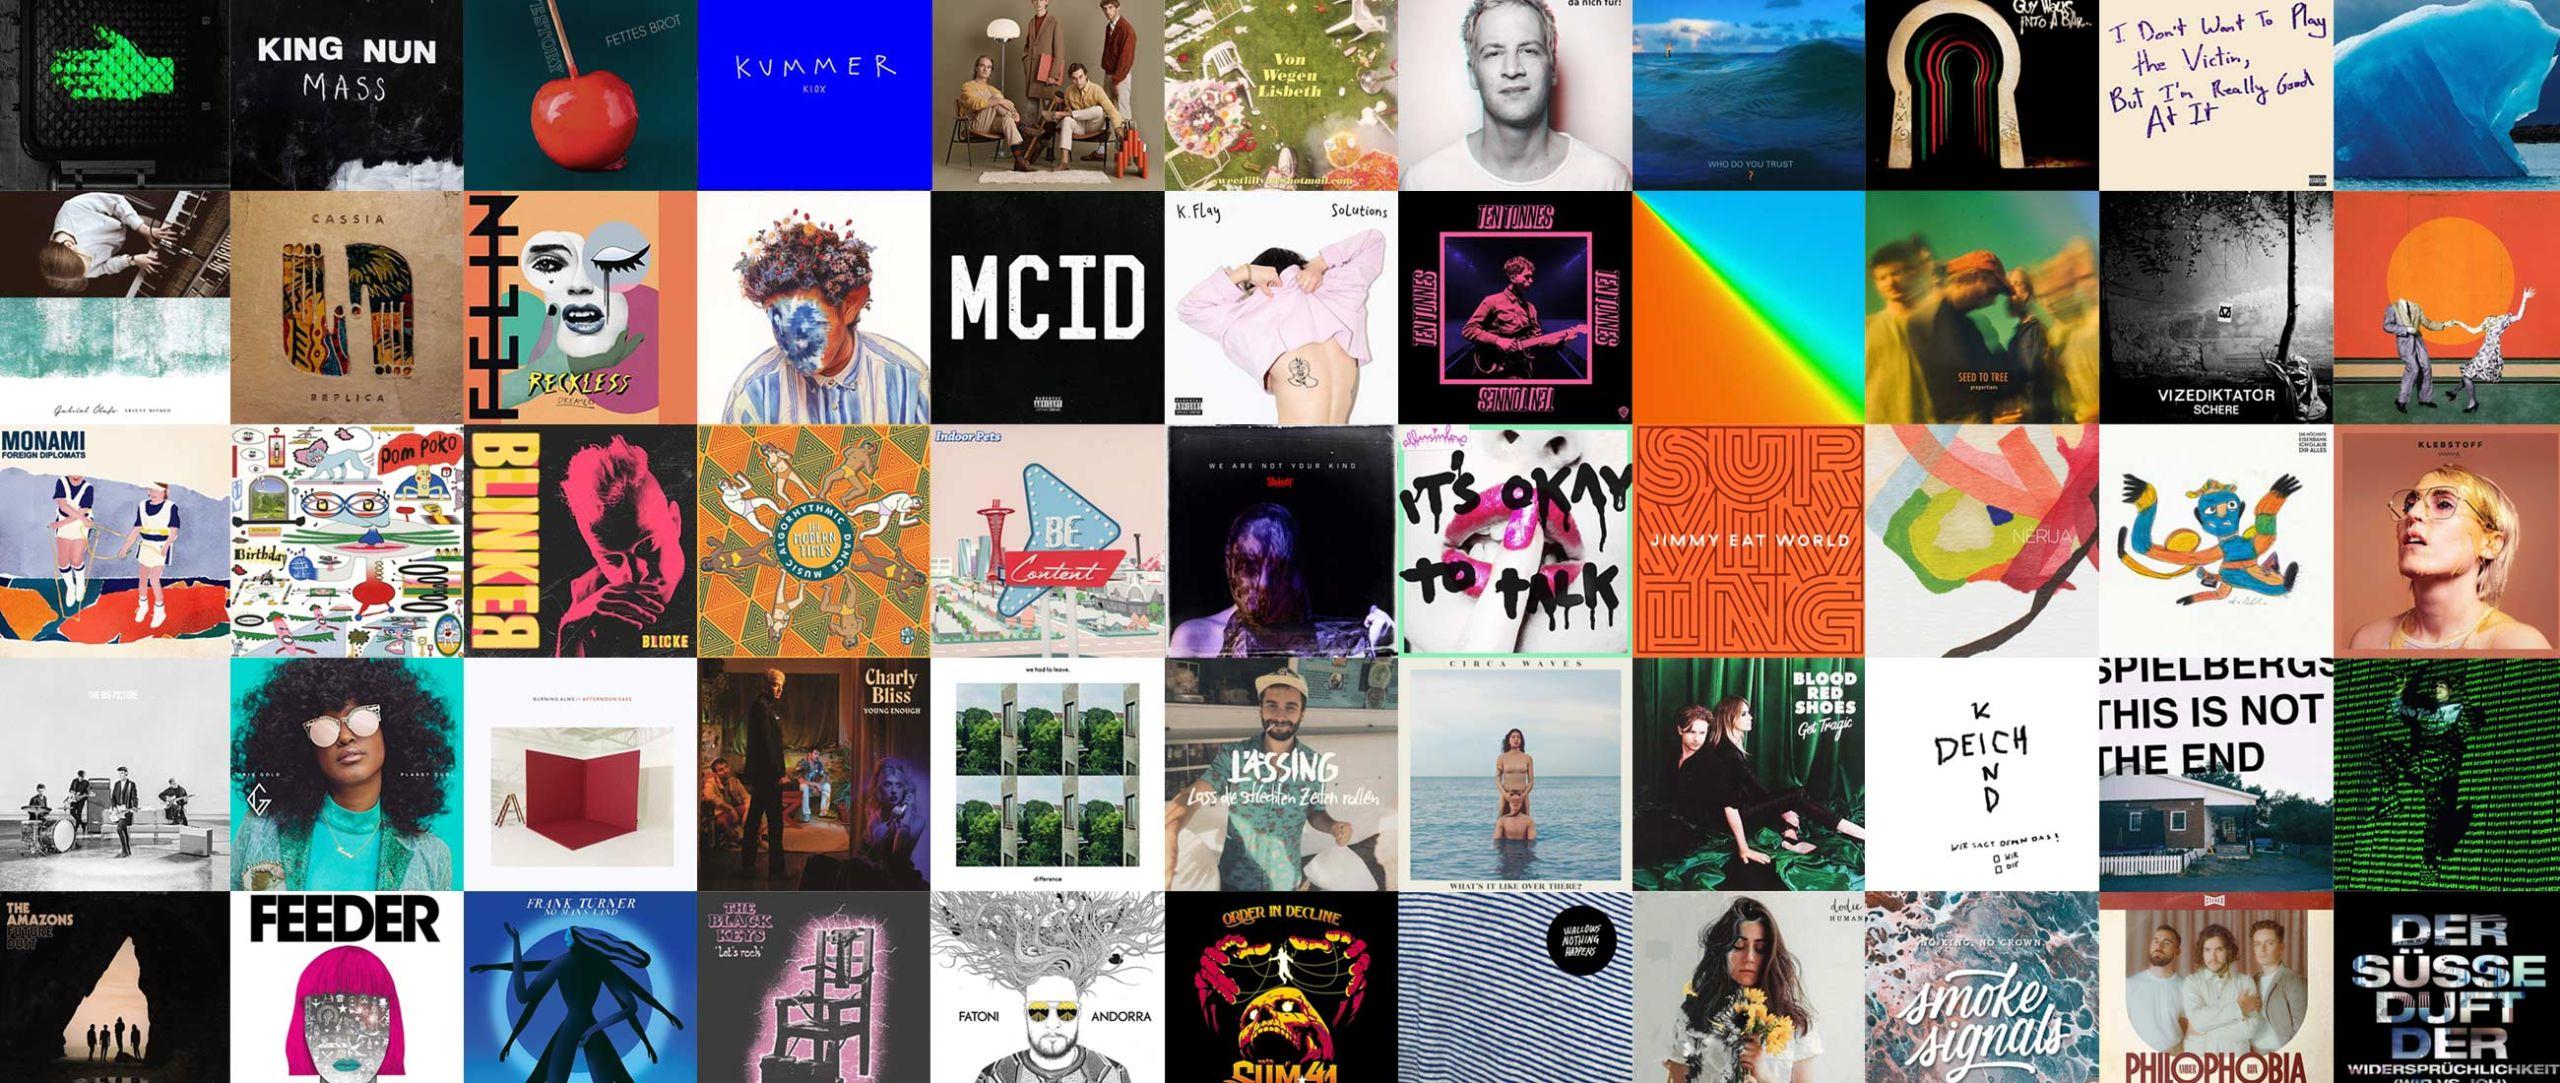 Die besten Musikalben des Jahres 2019